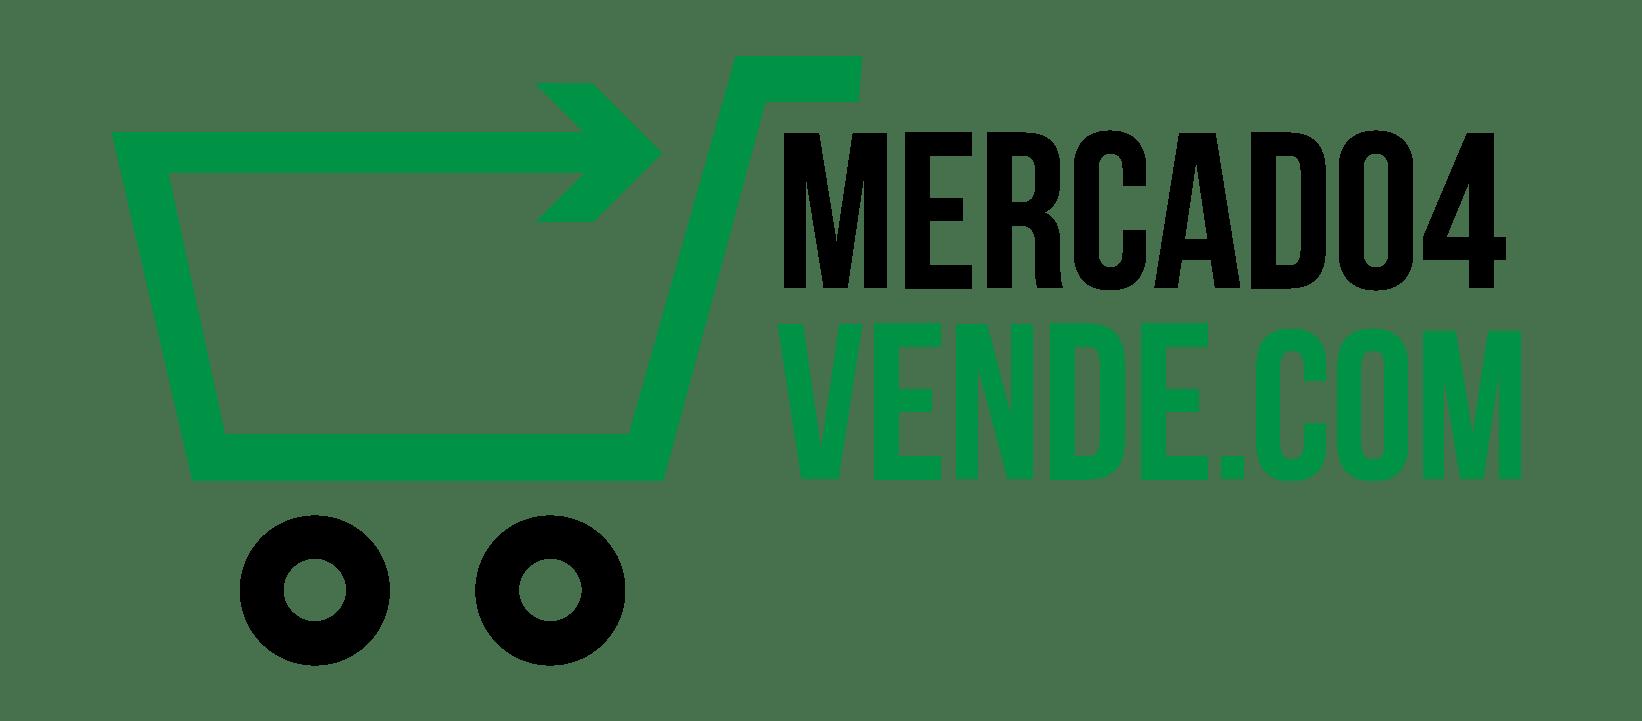 Mercado4Vende